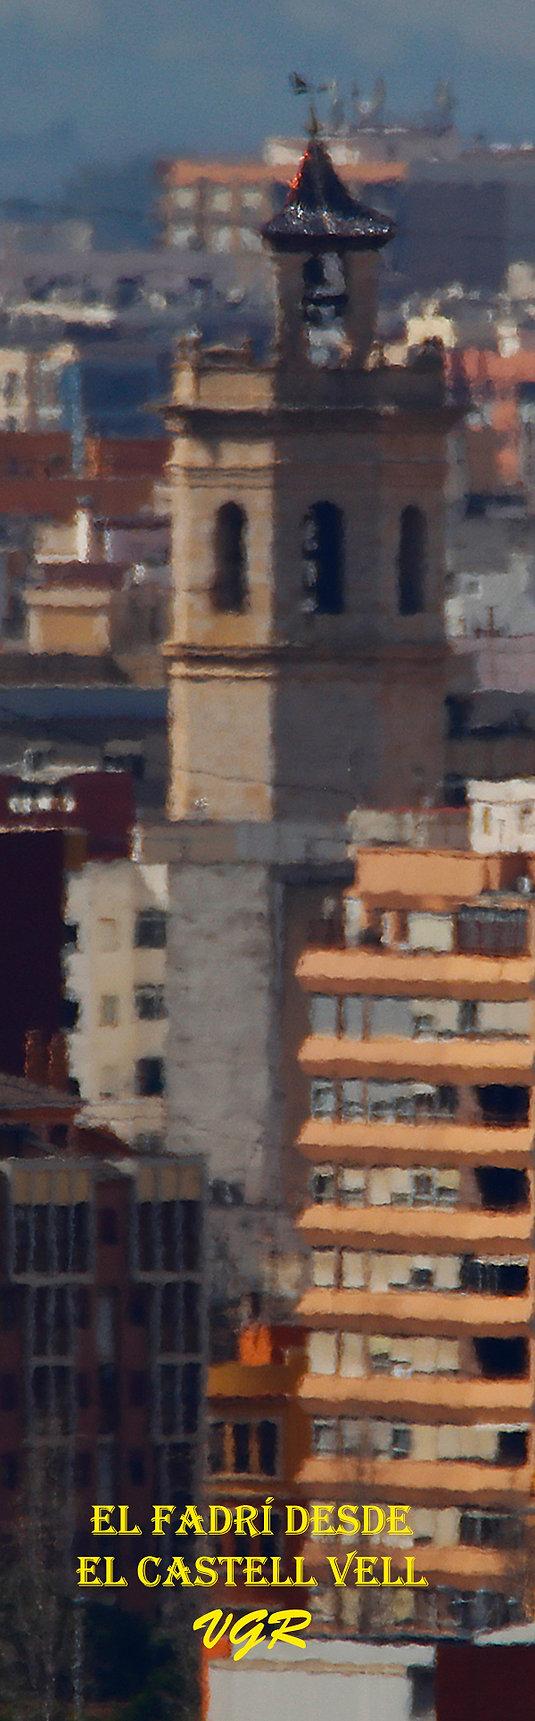 Fadri desde Castell Vell-WEB.jpg